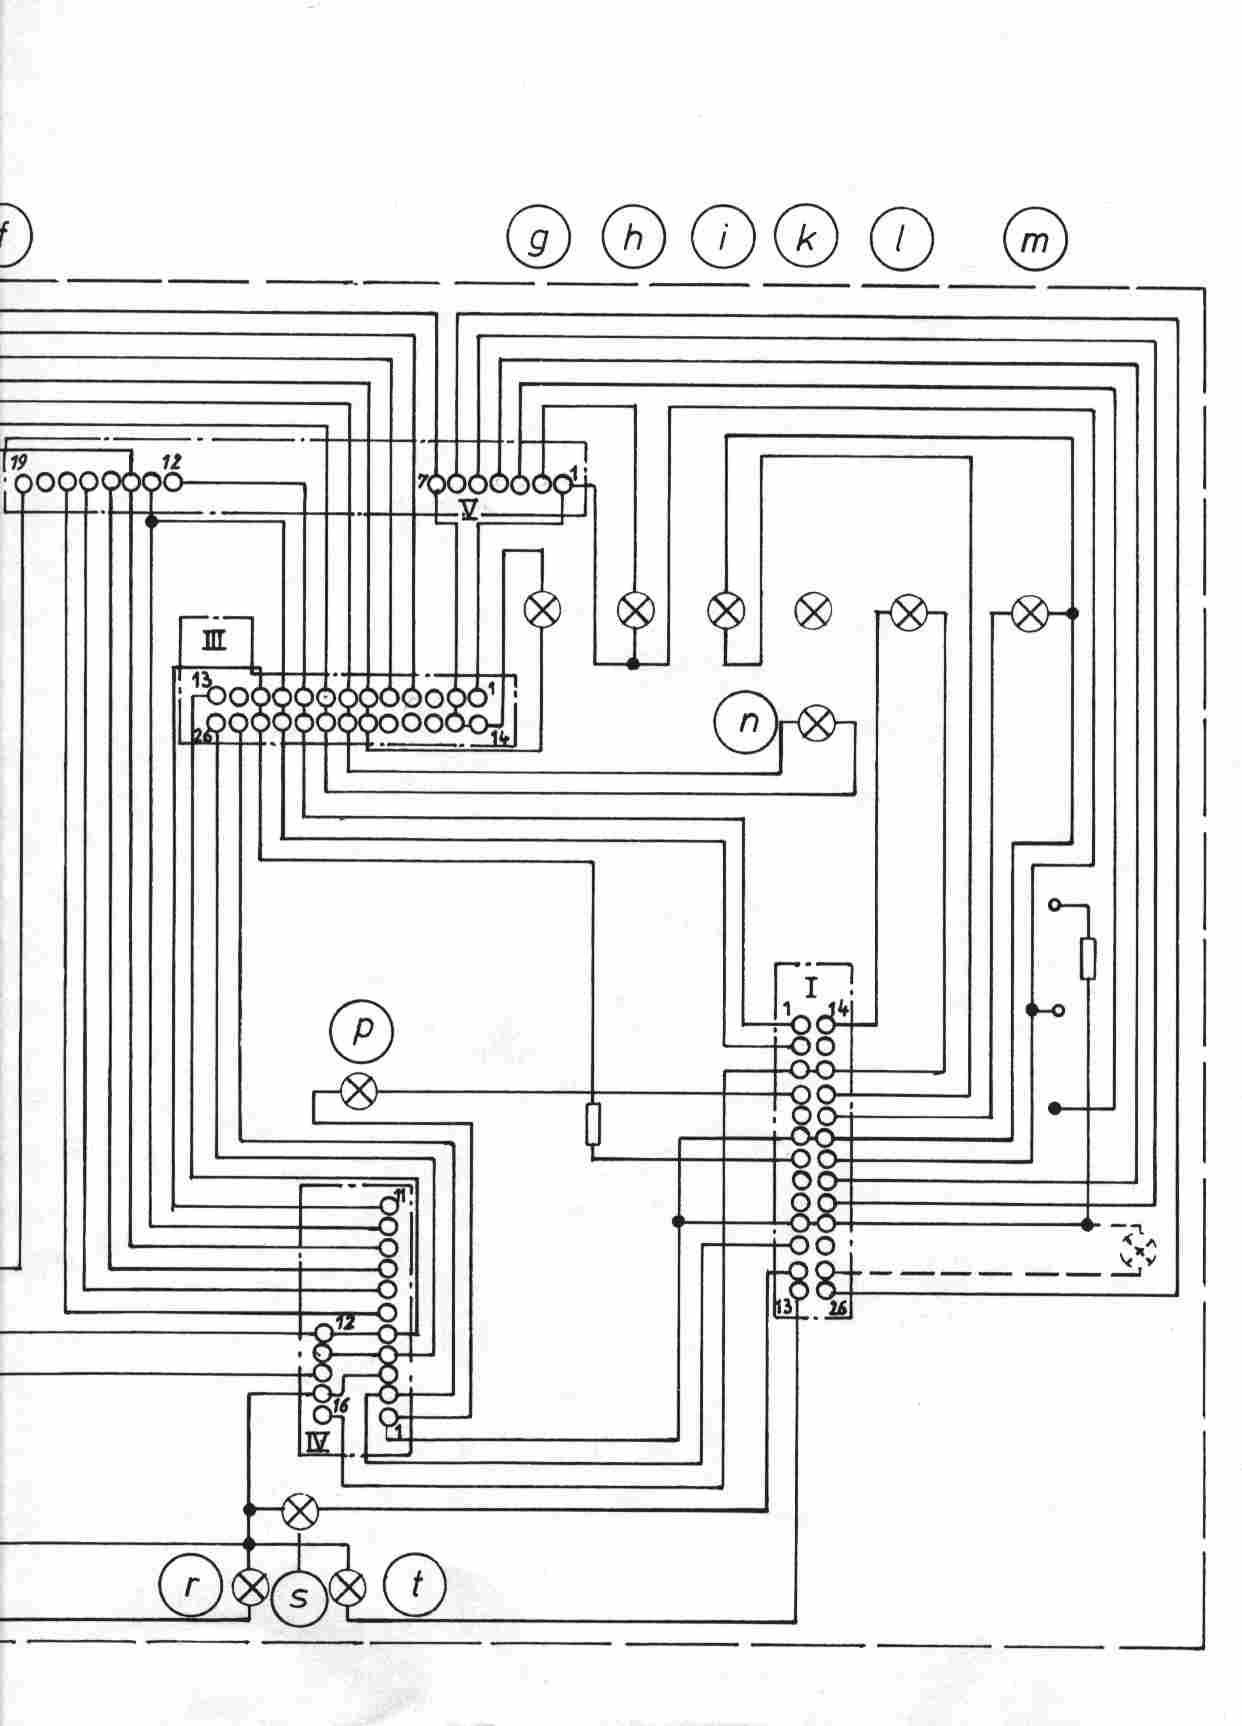 Pinbelegung Kombiinstrument - Elektrik - E30-Talk.com